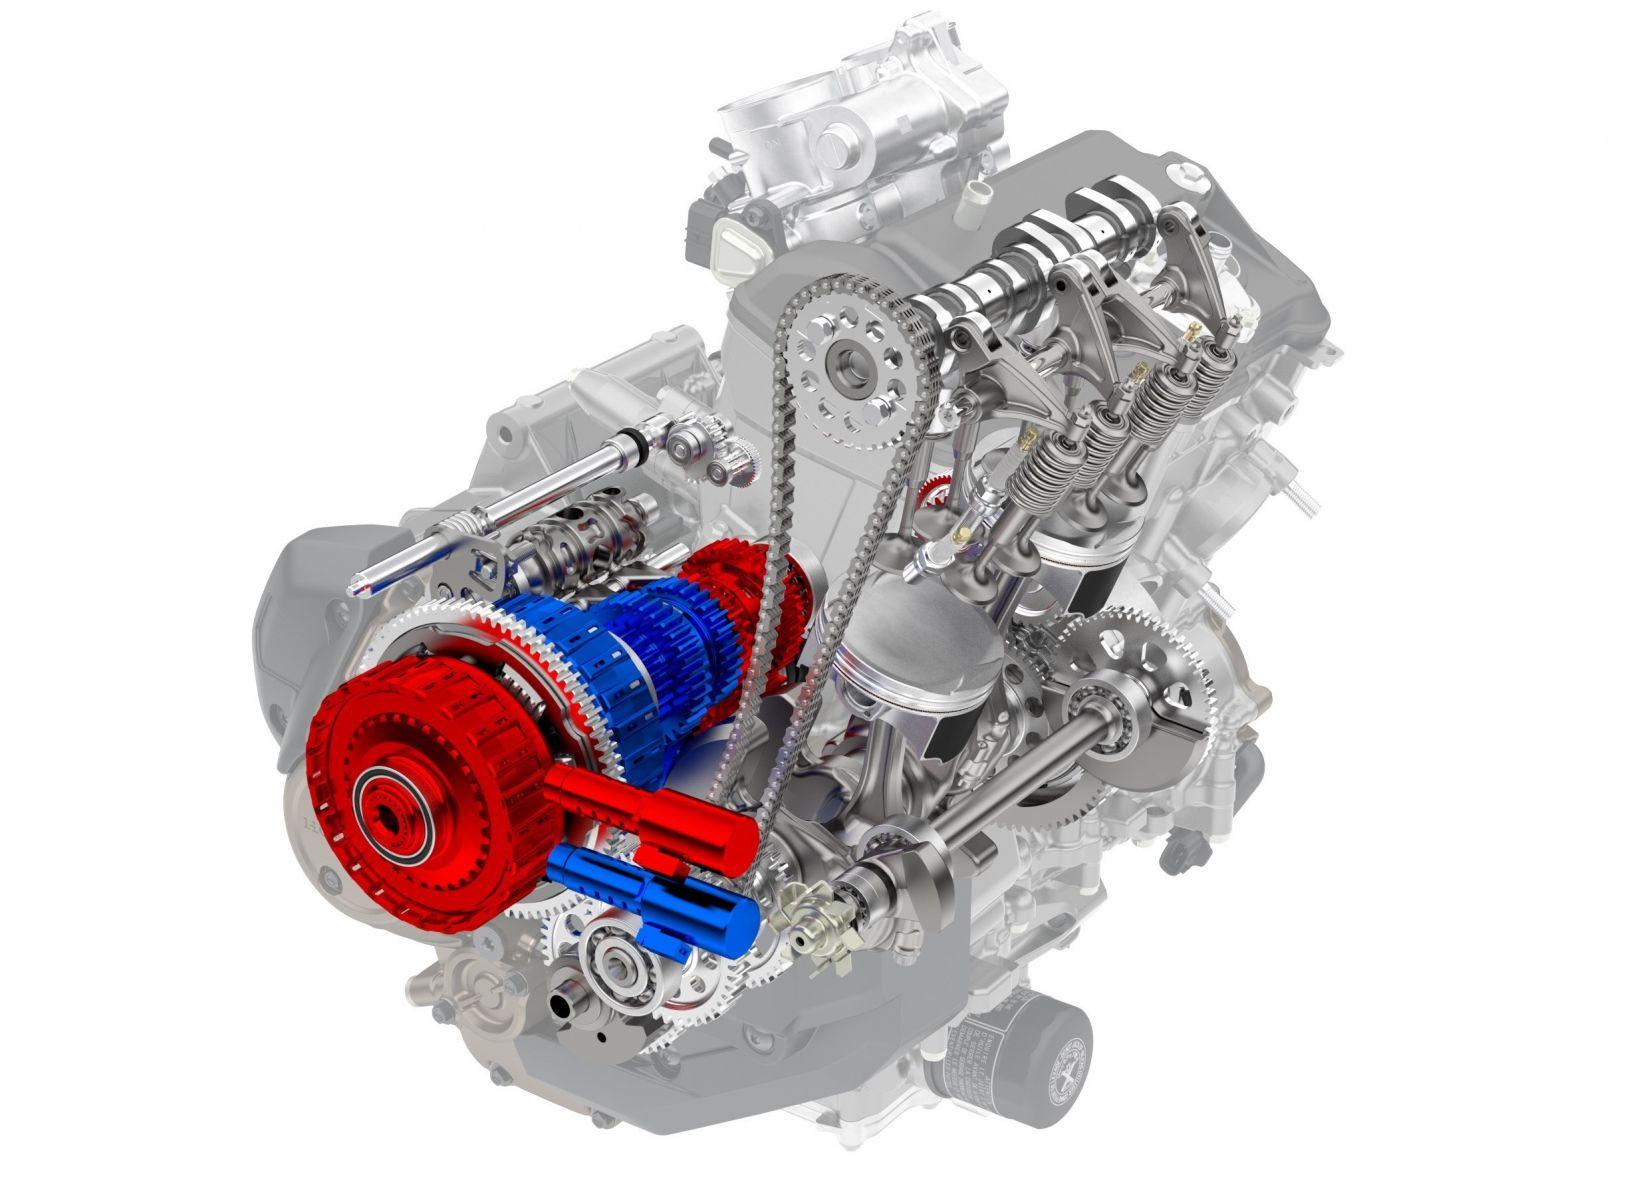 africa twin dct motor de dois cilindros com dupla embreagem destacada